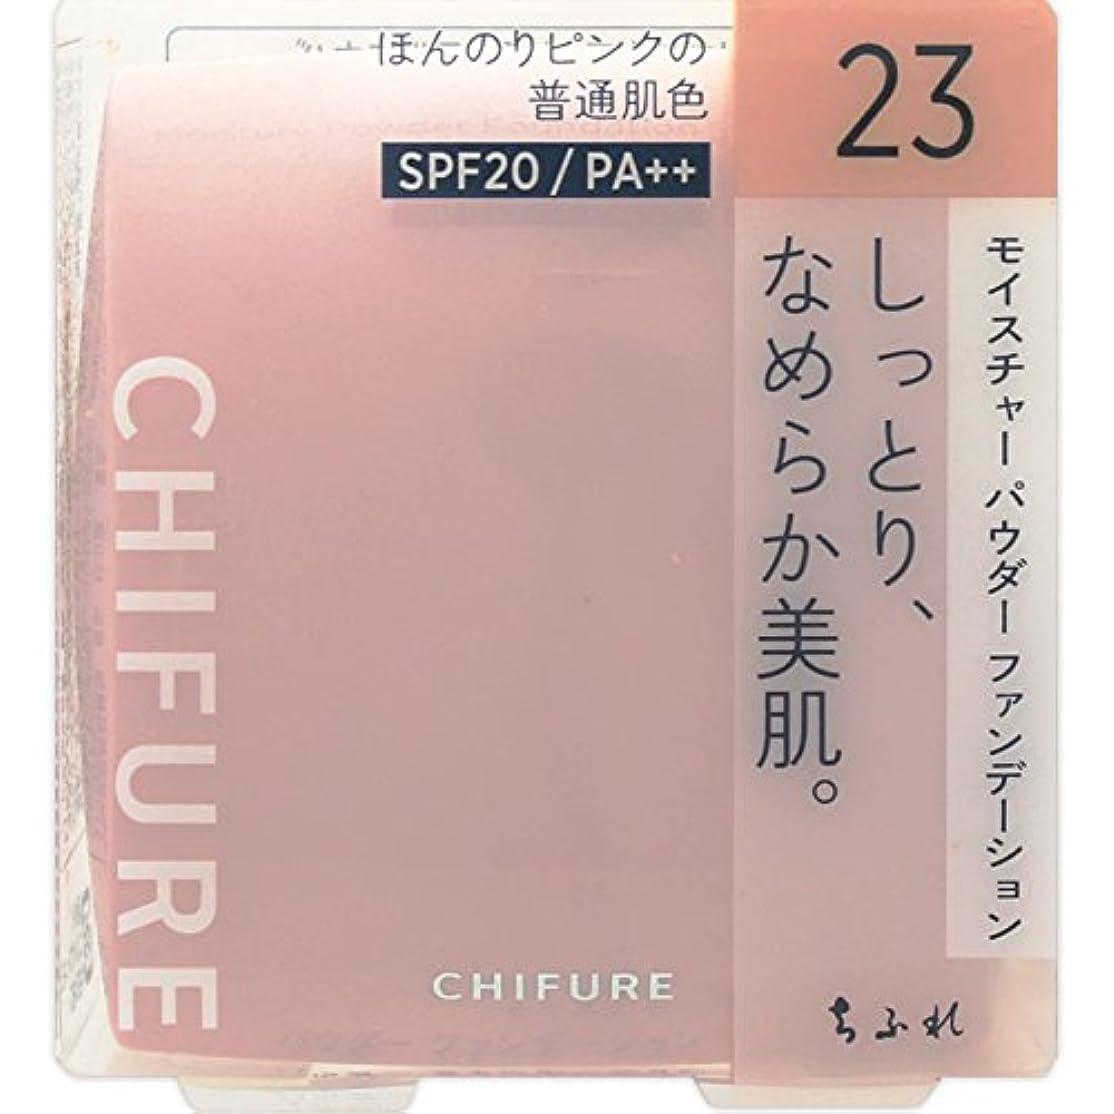 トン囲む擁するちふれ化粧品 モイスチャー パウダーファンデーション(スポンジ入り) 23 ピンクオークル系 MパウダーFD23